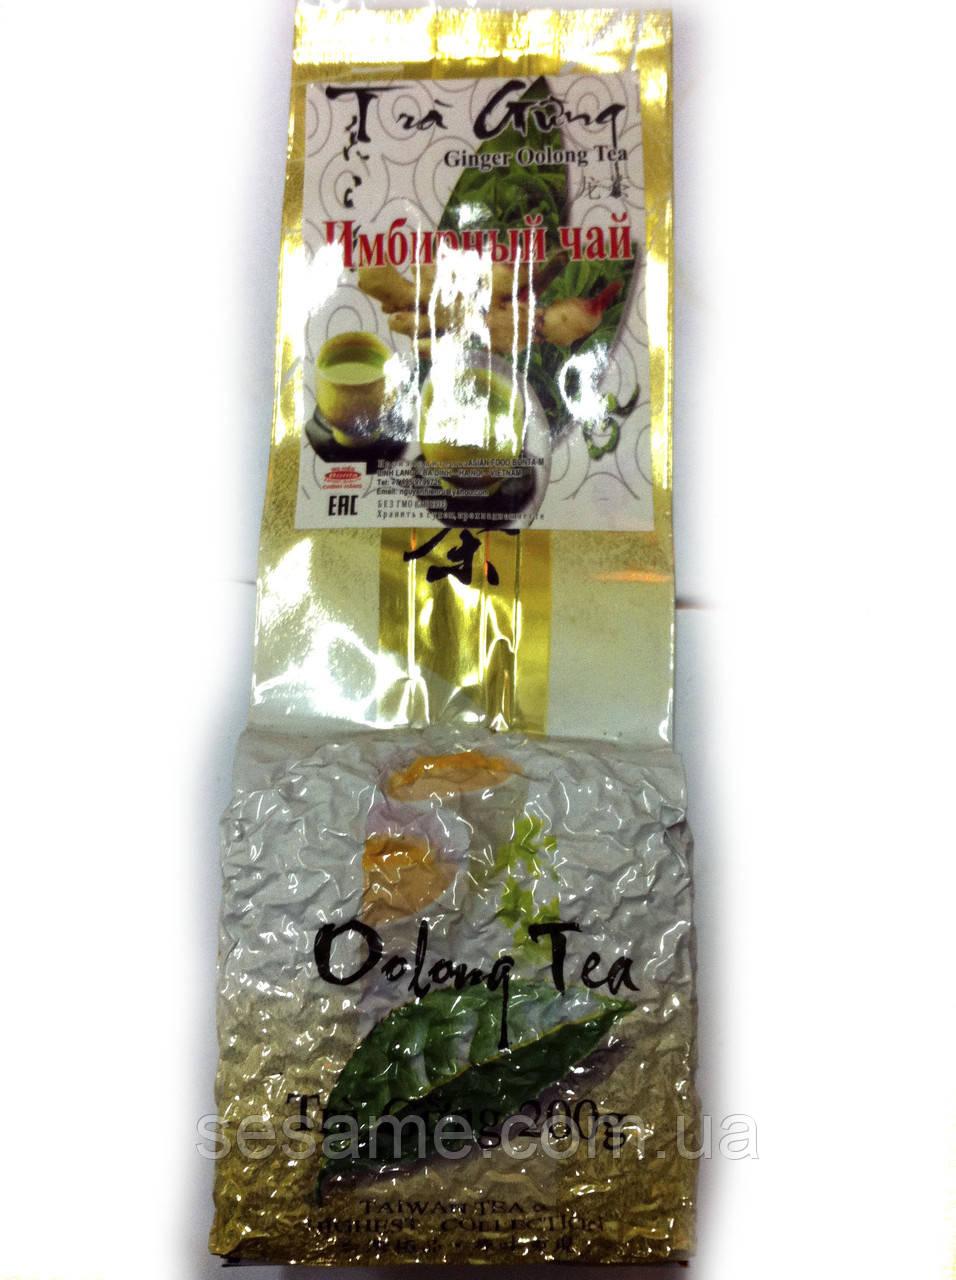 Вьетнамский Высокогорный натуральный  чай Oolong Tra с Имбирем 200г (Вьетнам)